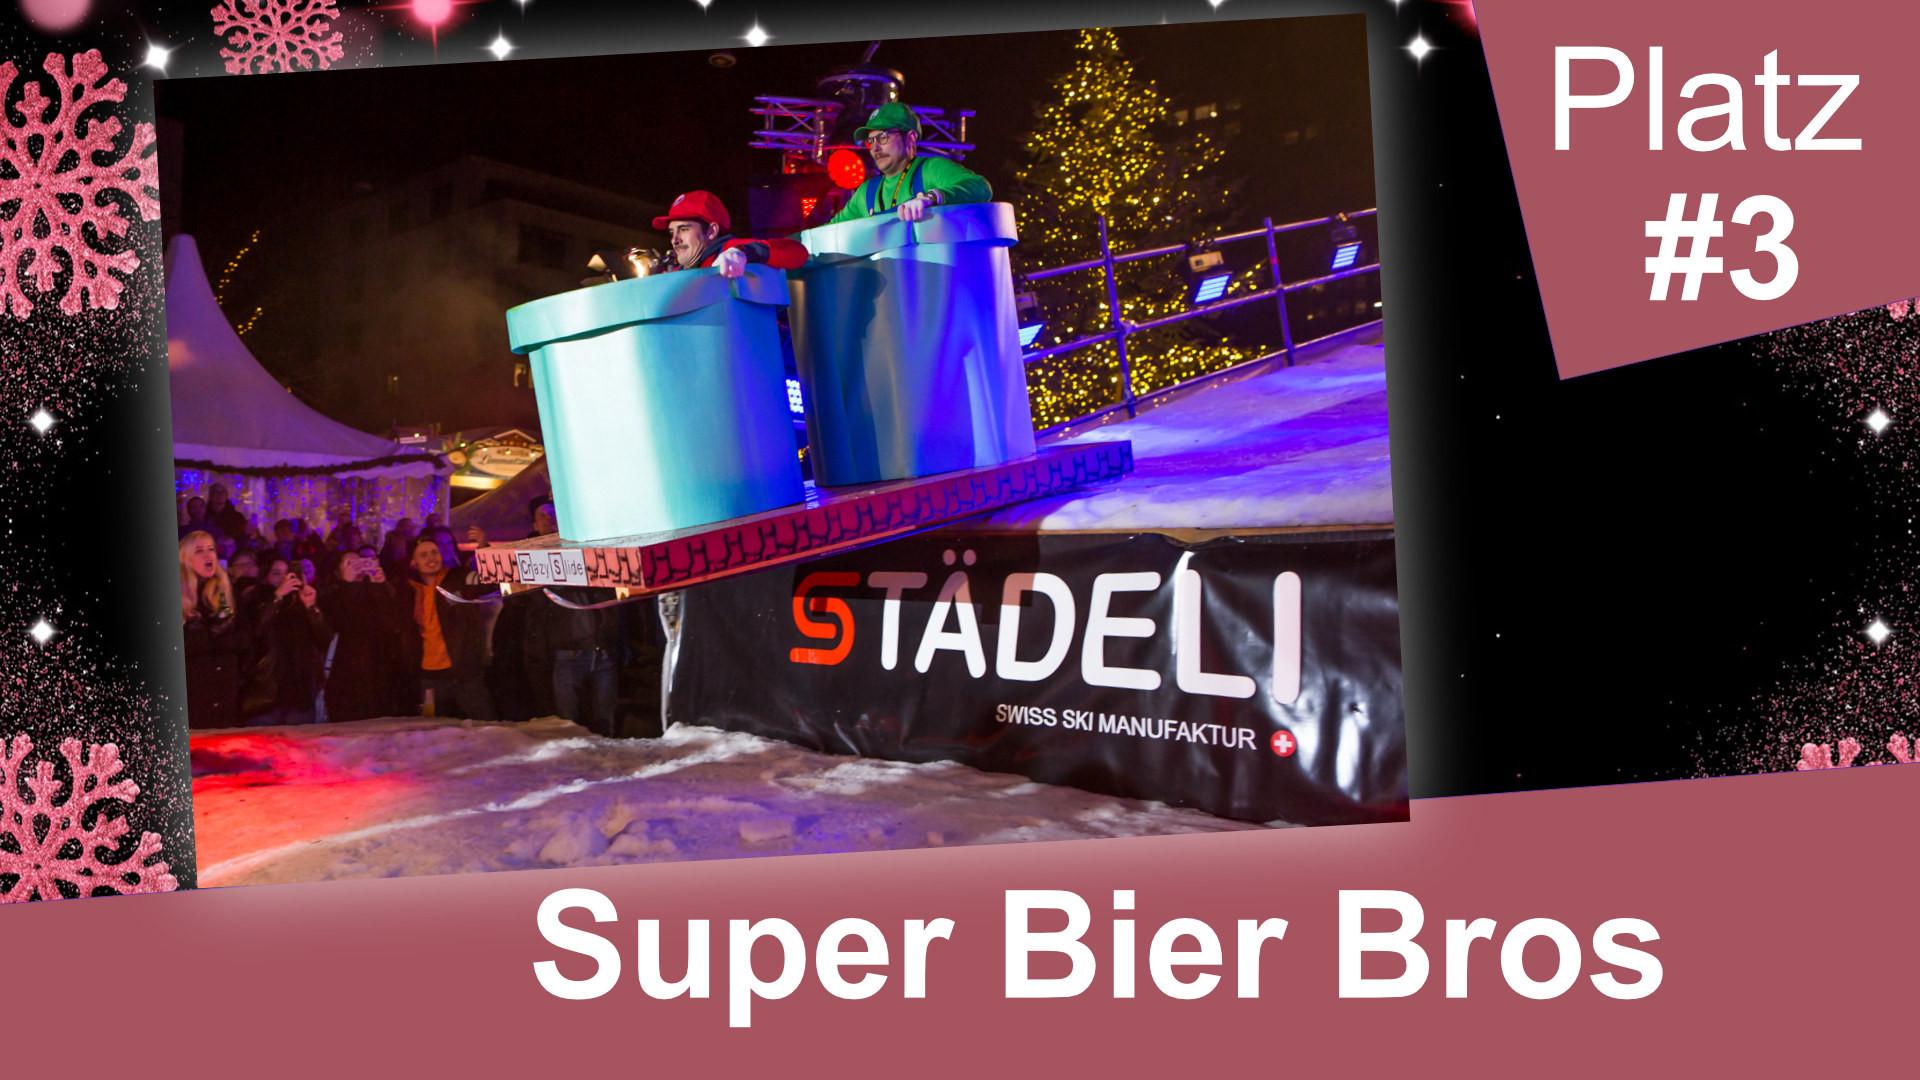 Super Bier Bros